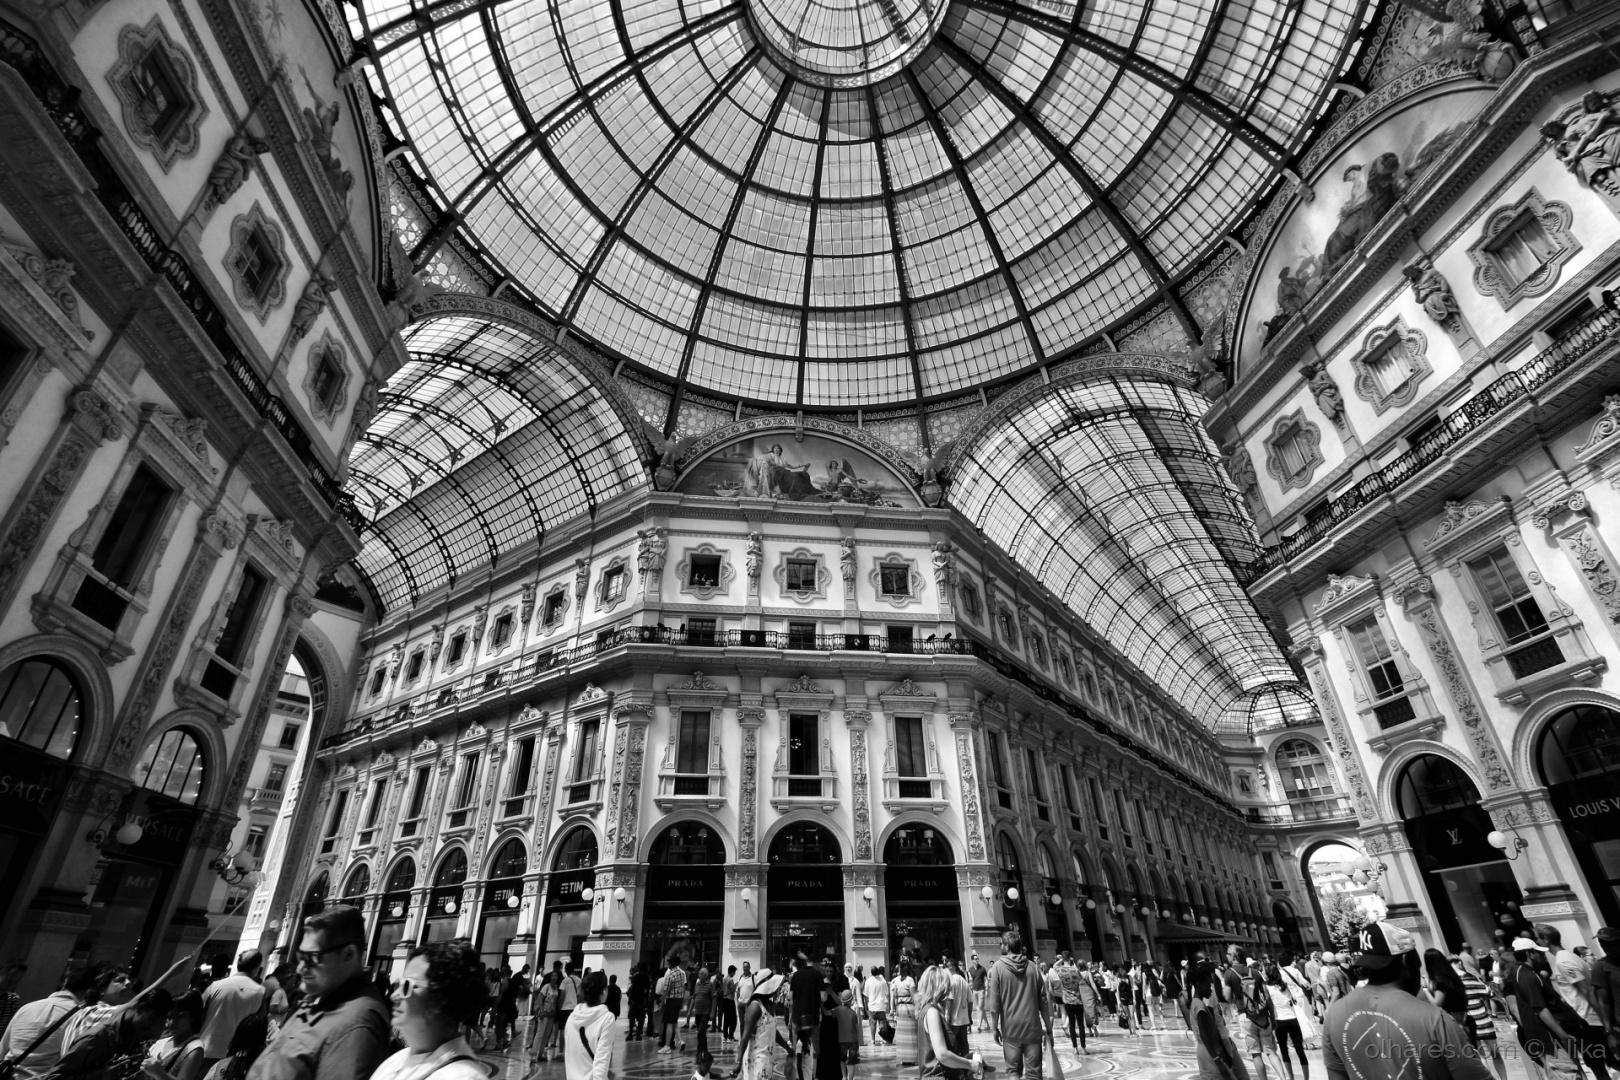 História/um lugar no mundo - Milão